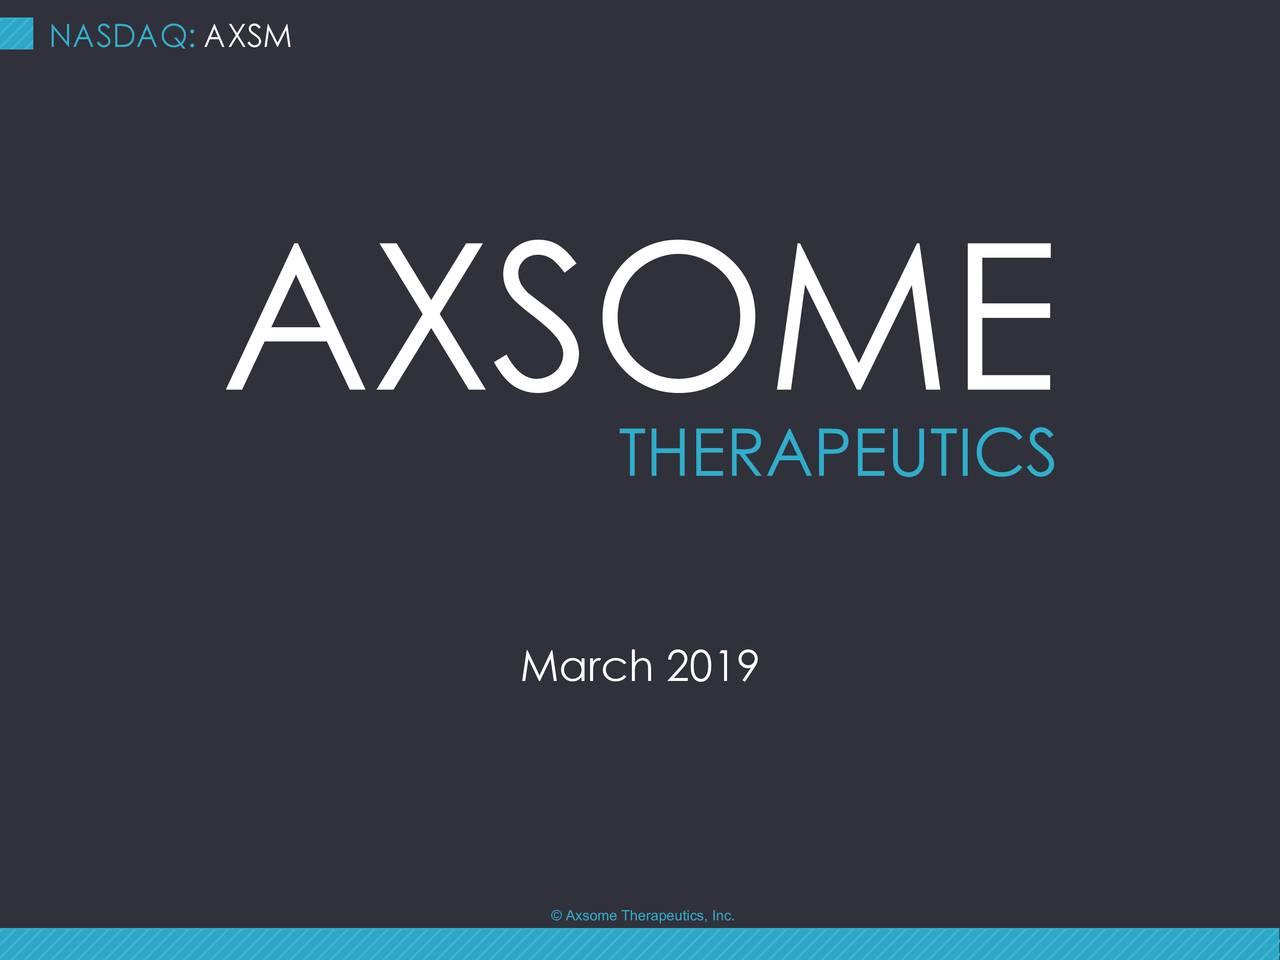 March 2019 © Axsome Therapeutics, Inc.